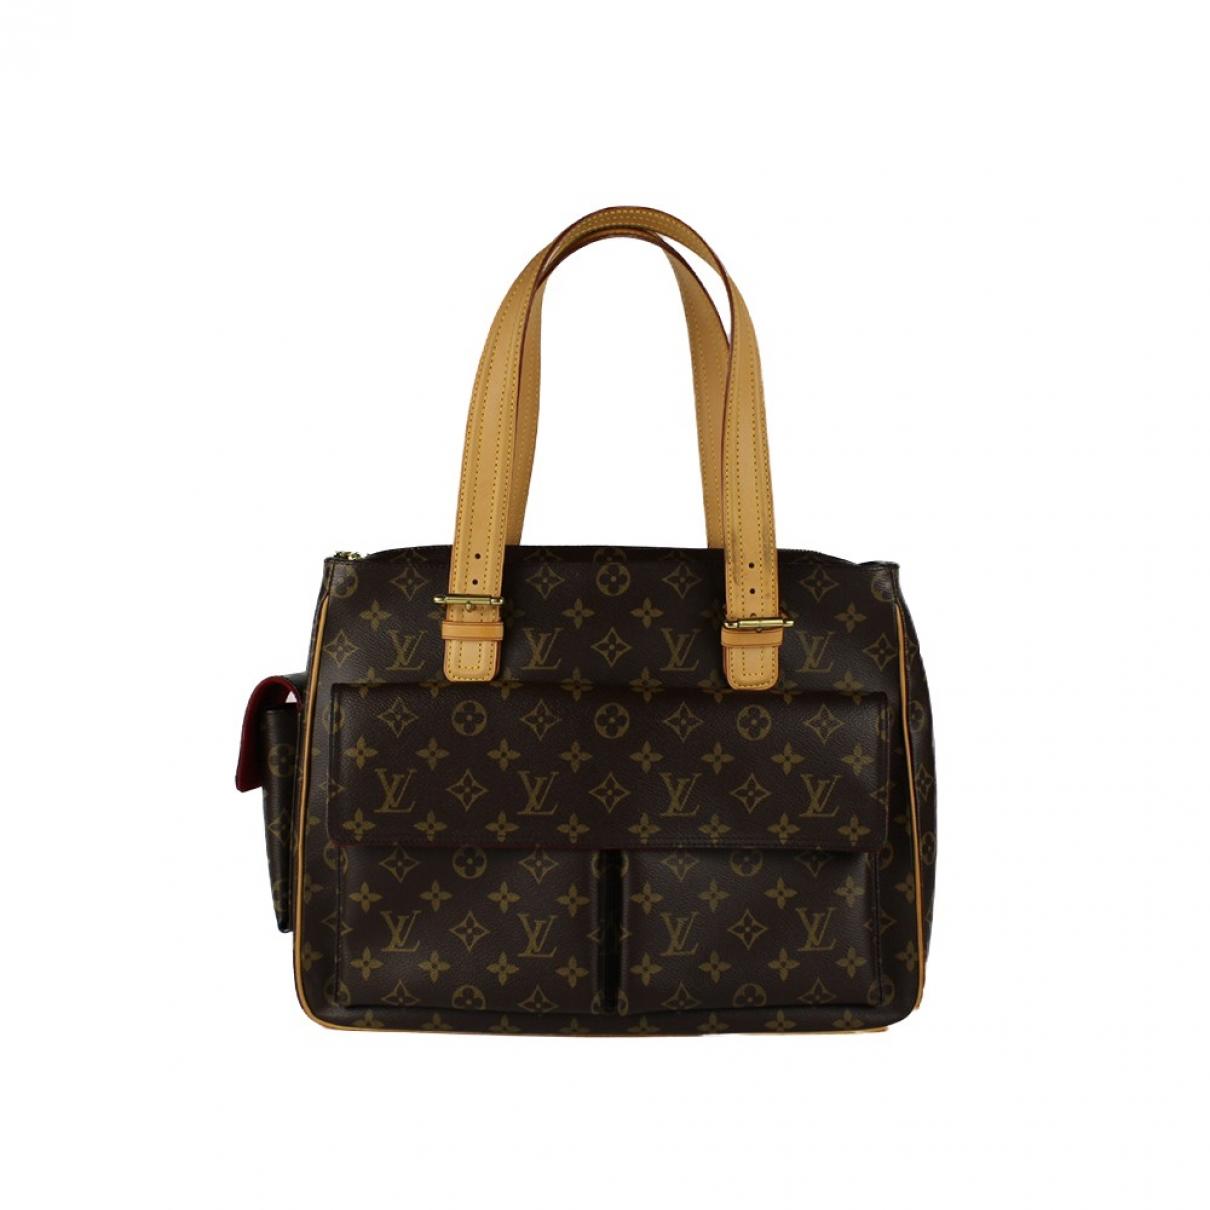 Louis Vuitton - Sac a main Multipli Cite  pour femme en toile - marron